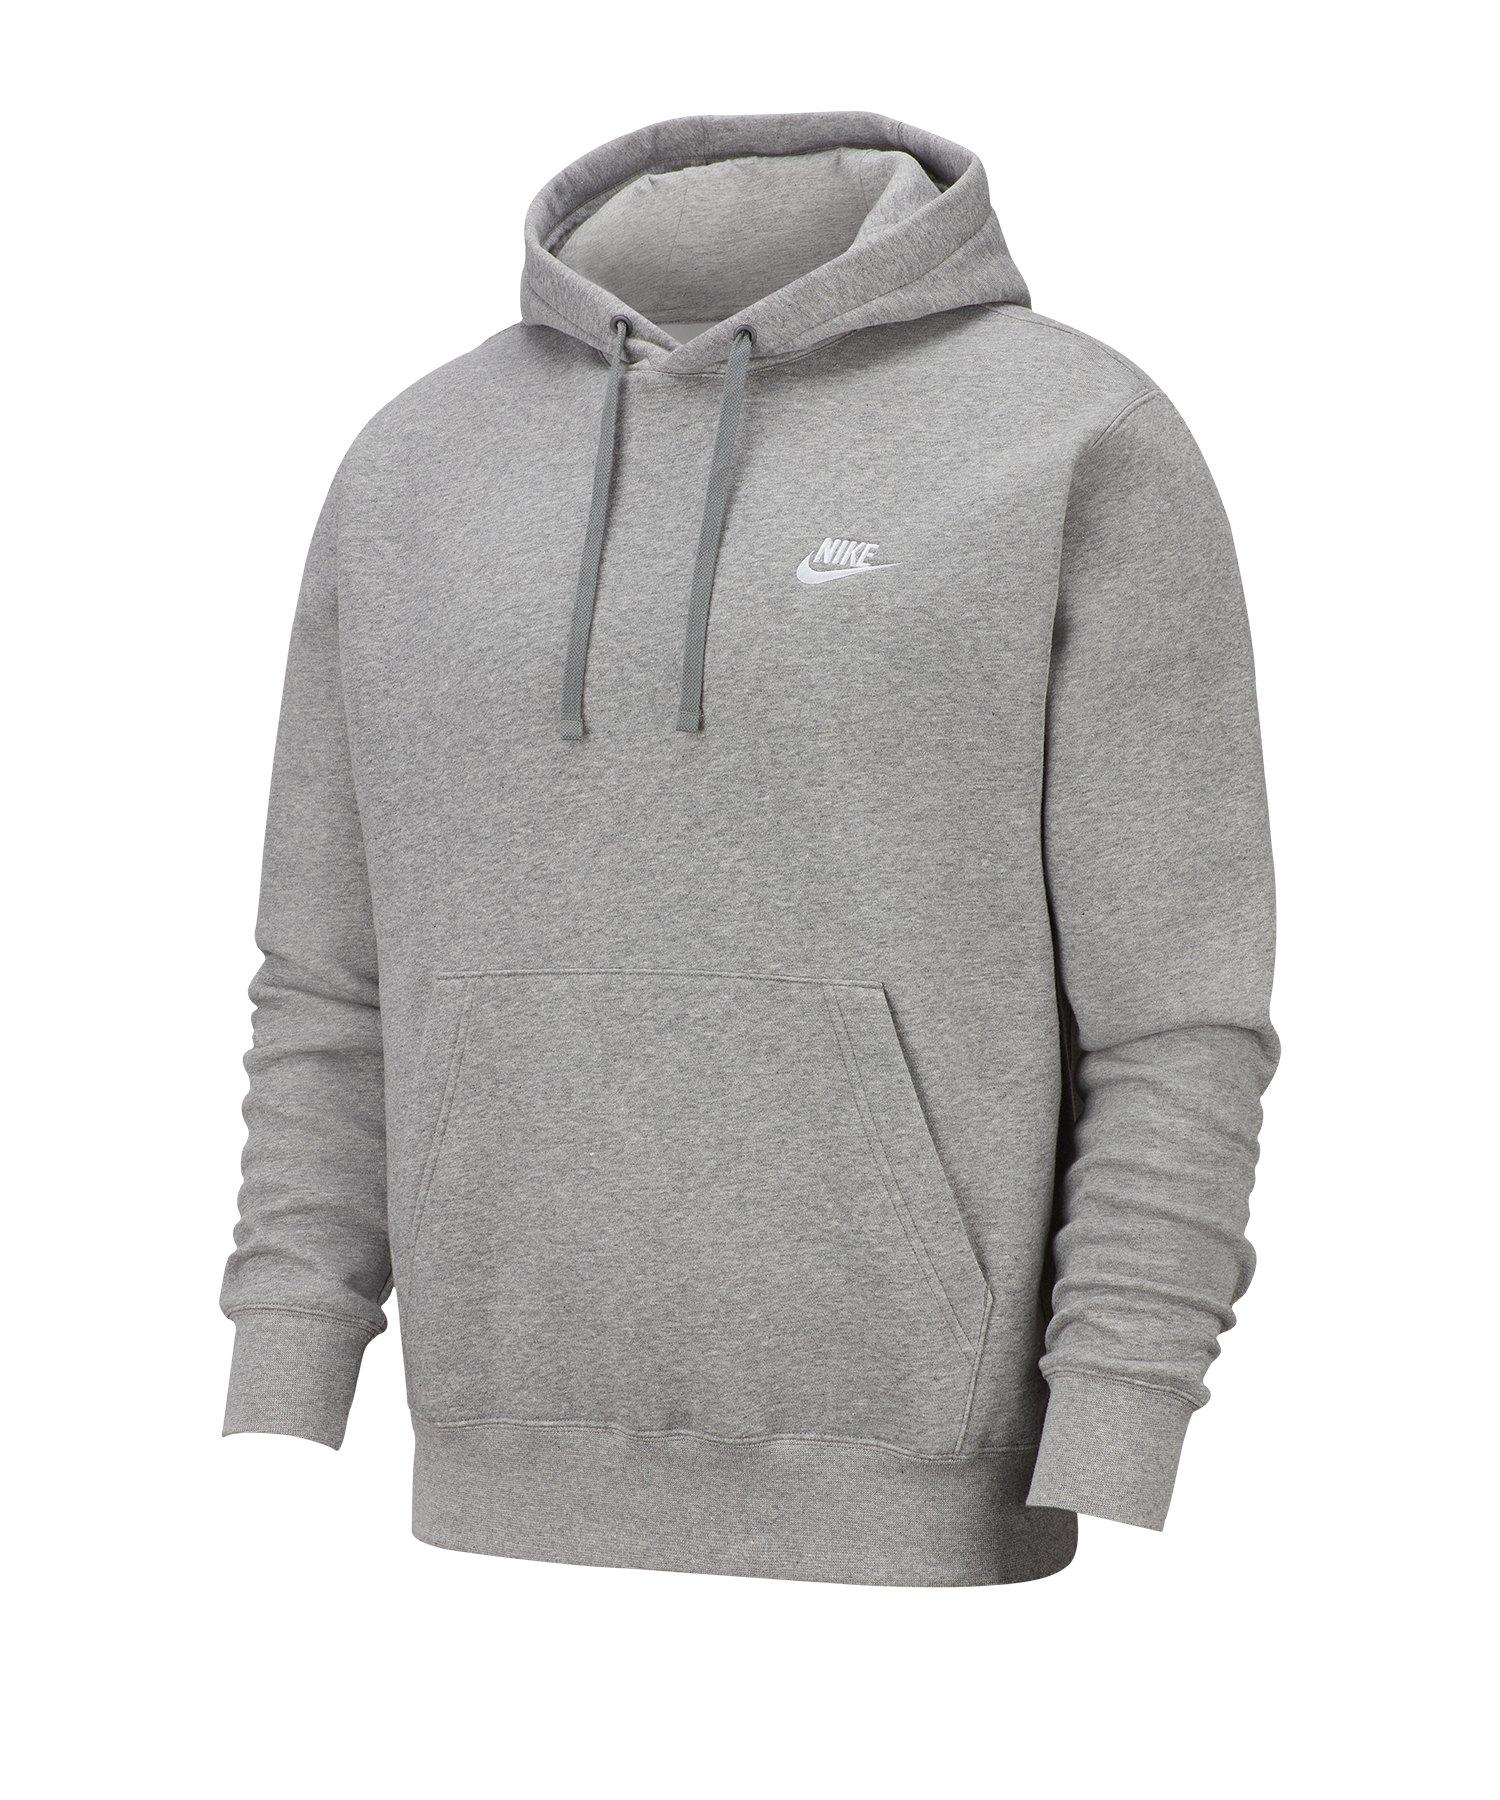 Nike Club Fleece Kapuzensweatshirt Grau F063 - grau